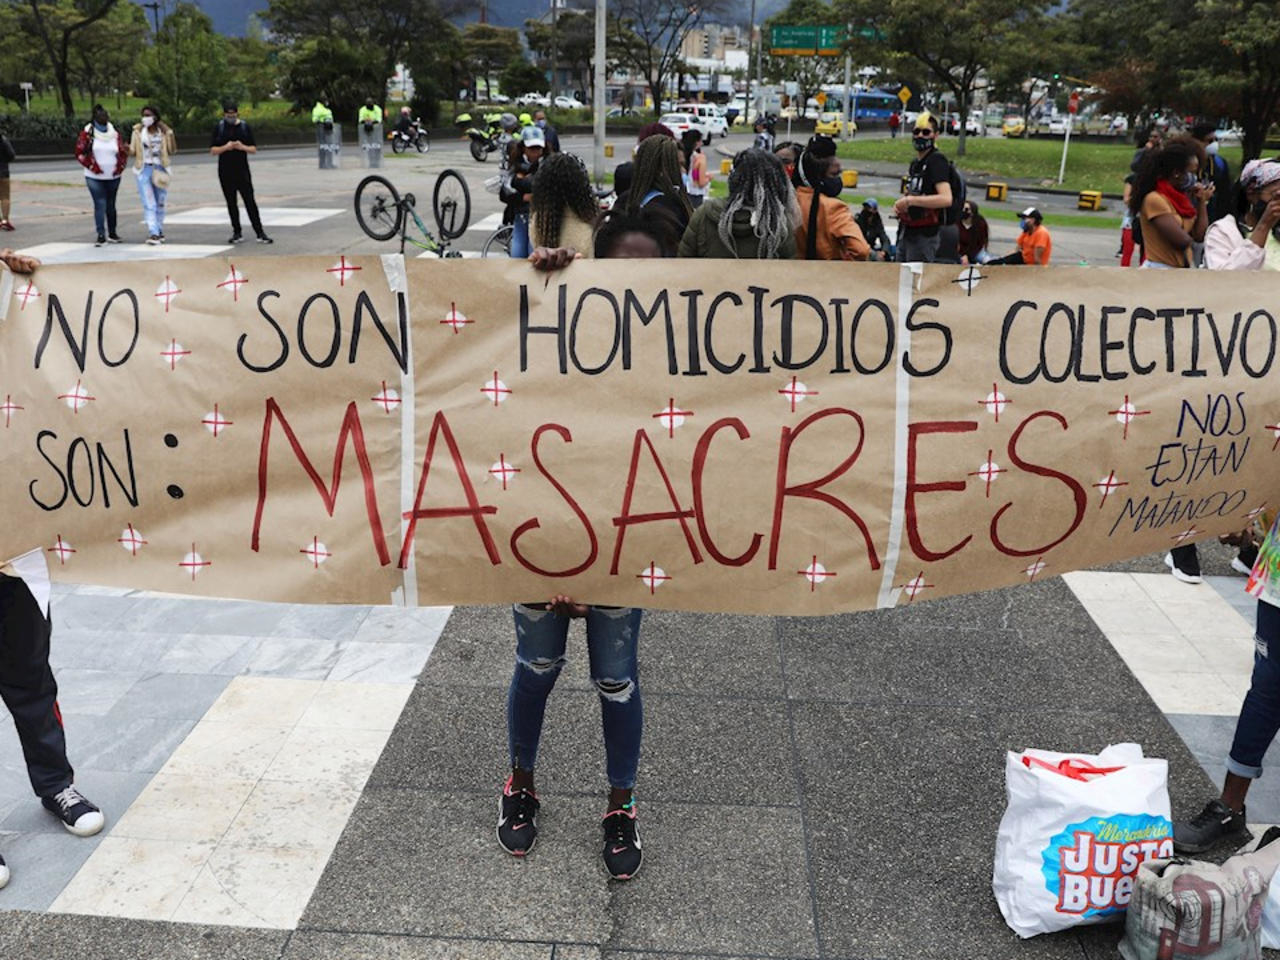 Nueva masacre, esta vez en Popayán, Cauca. Tres jóvenes que le quitan a nuestra Patria